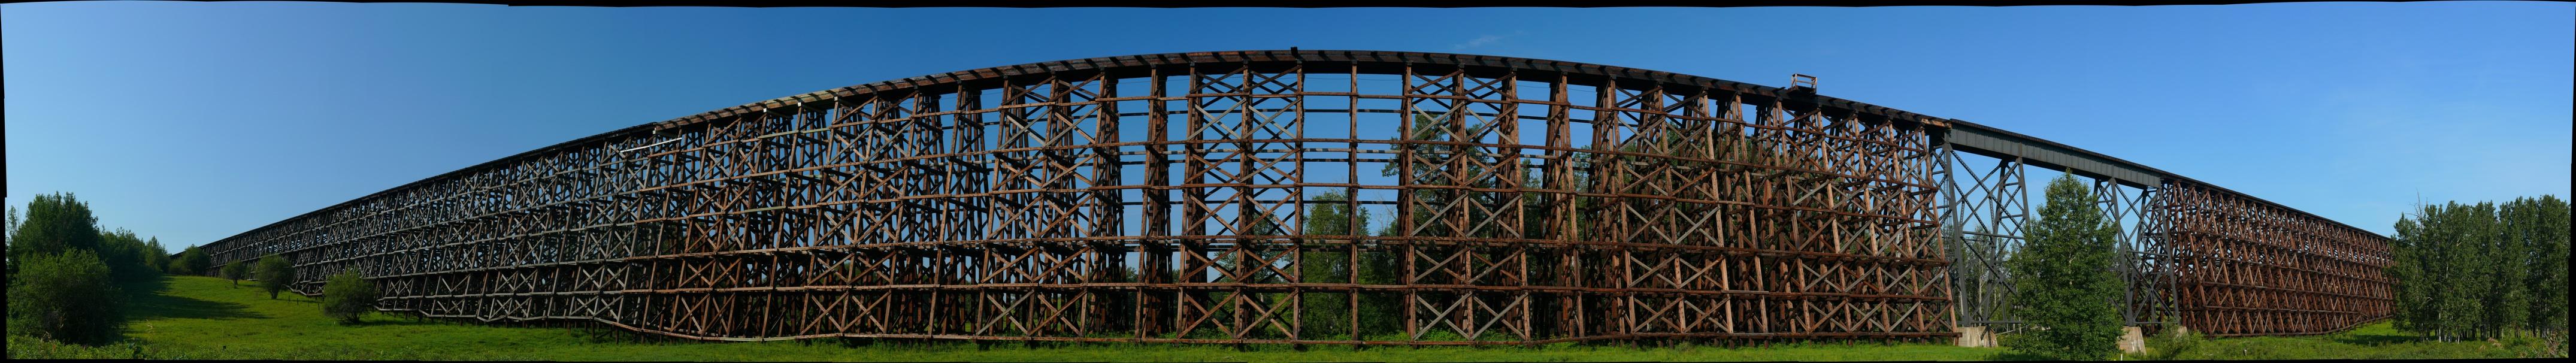 Rochefort Bridge